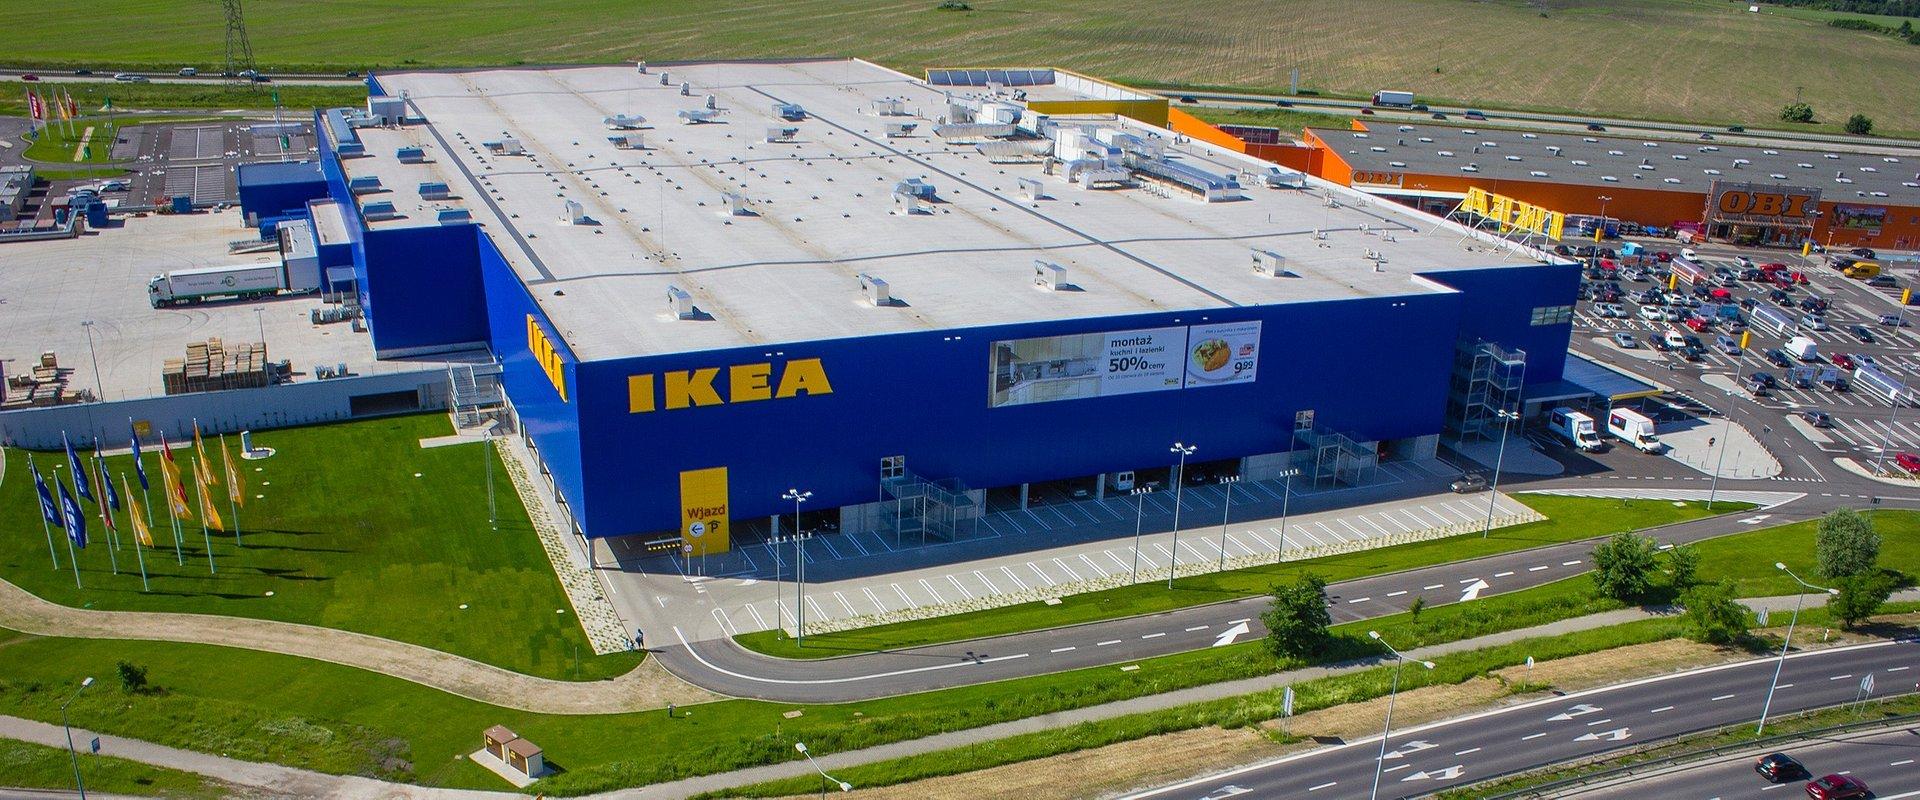 IKEA przekaże dla Polski milion euro, aby wspomóc system ochrony zdrowia oraz zapewnić środki niezbędne do życia społecznościom i konsumentom dotkniętym koronawirusem.